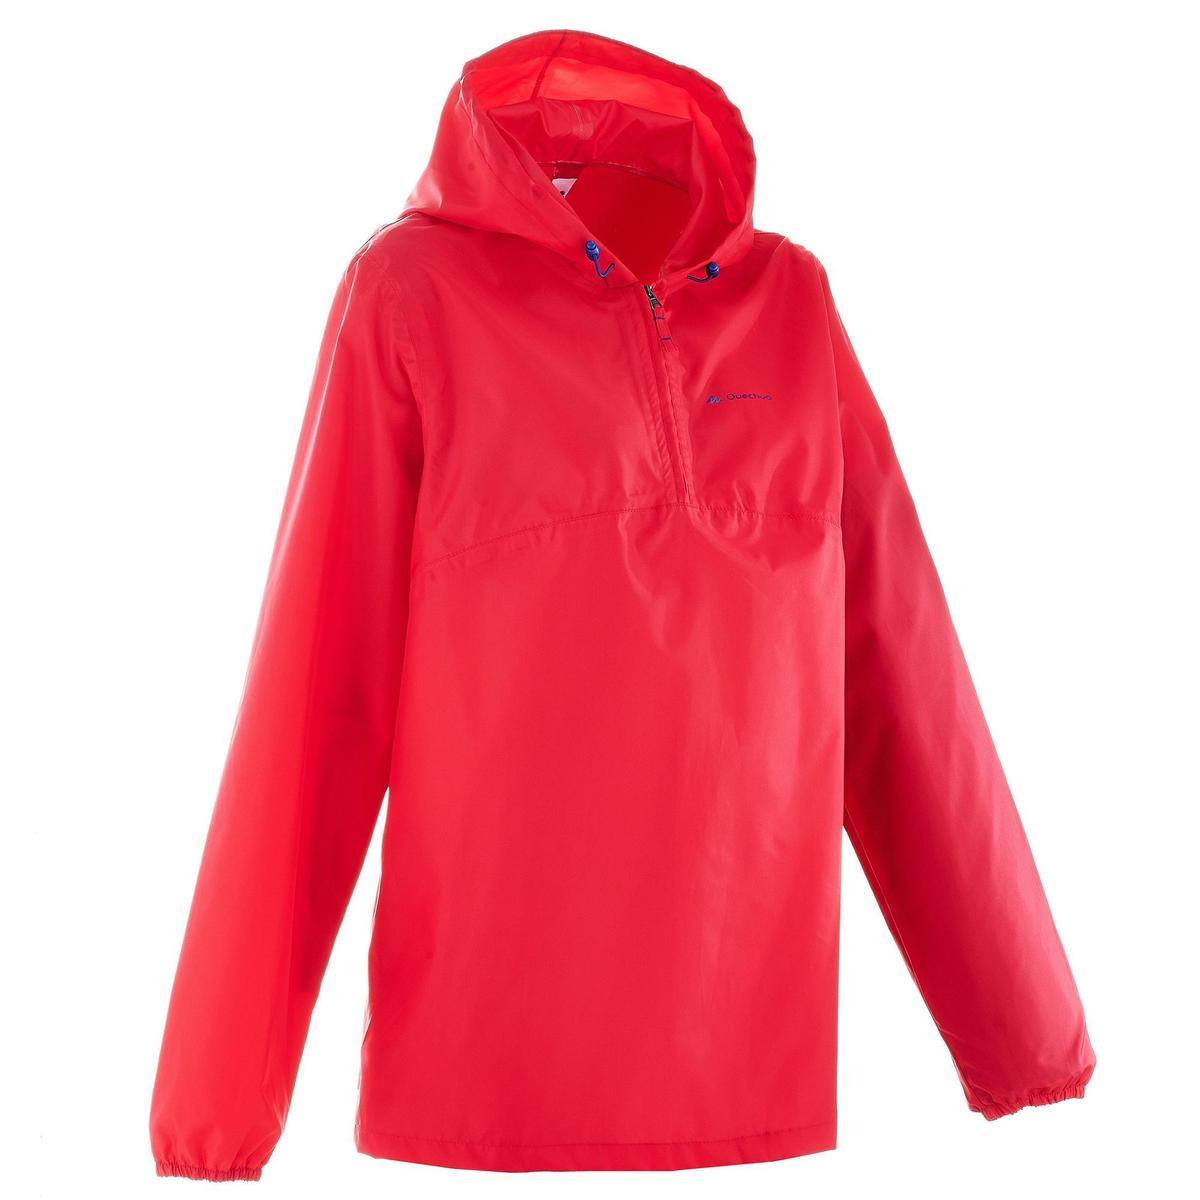 Bild 1 von Regenjacke Raincut Damen rot